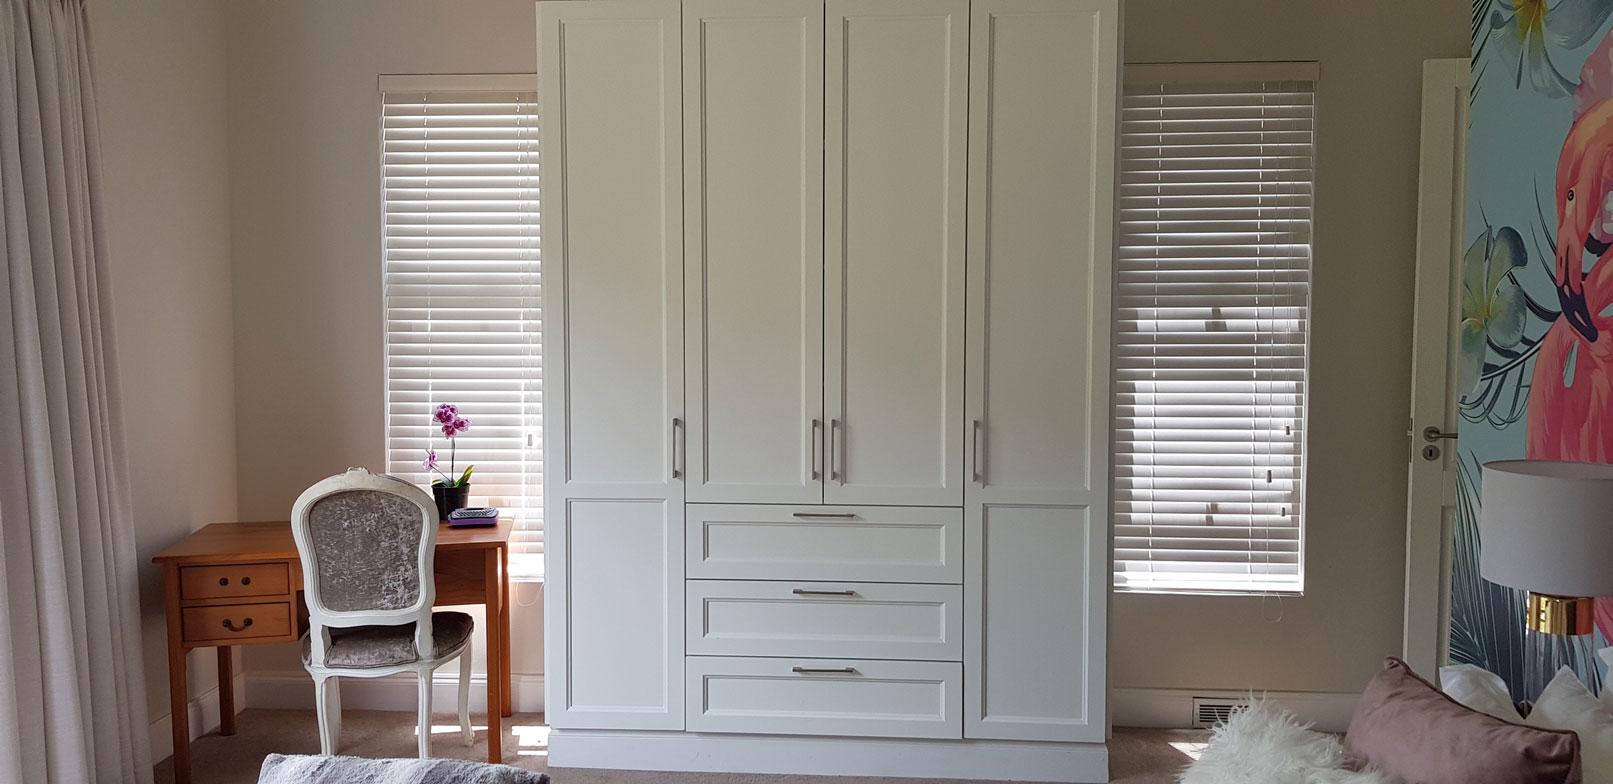 Bedroom Design and Remodel Pietermaritzburg